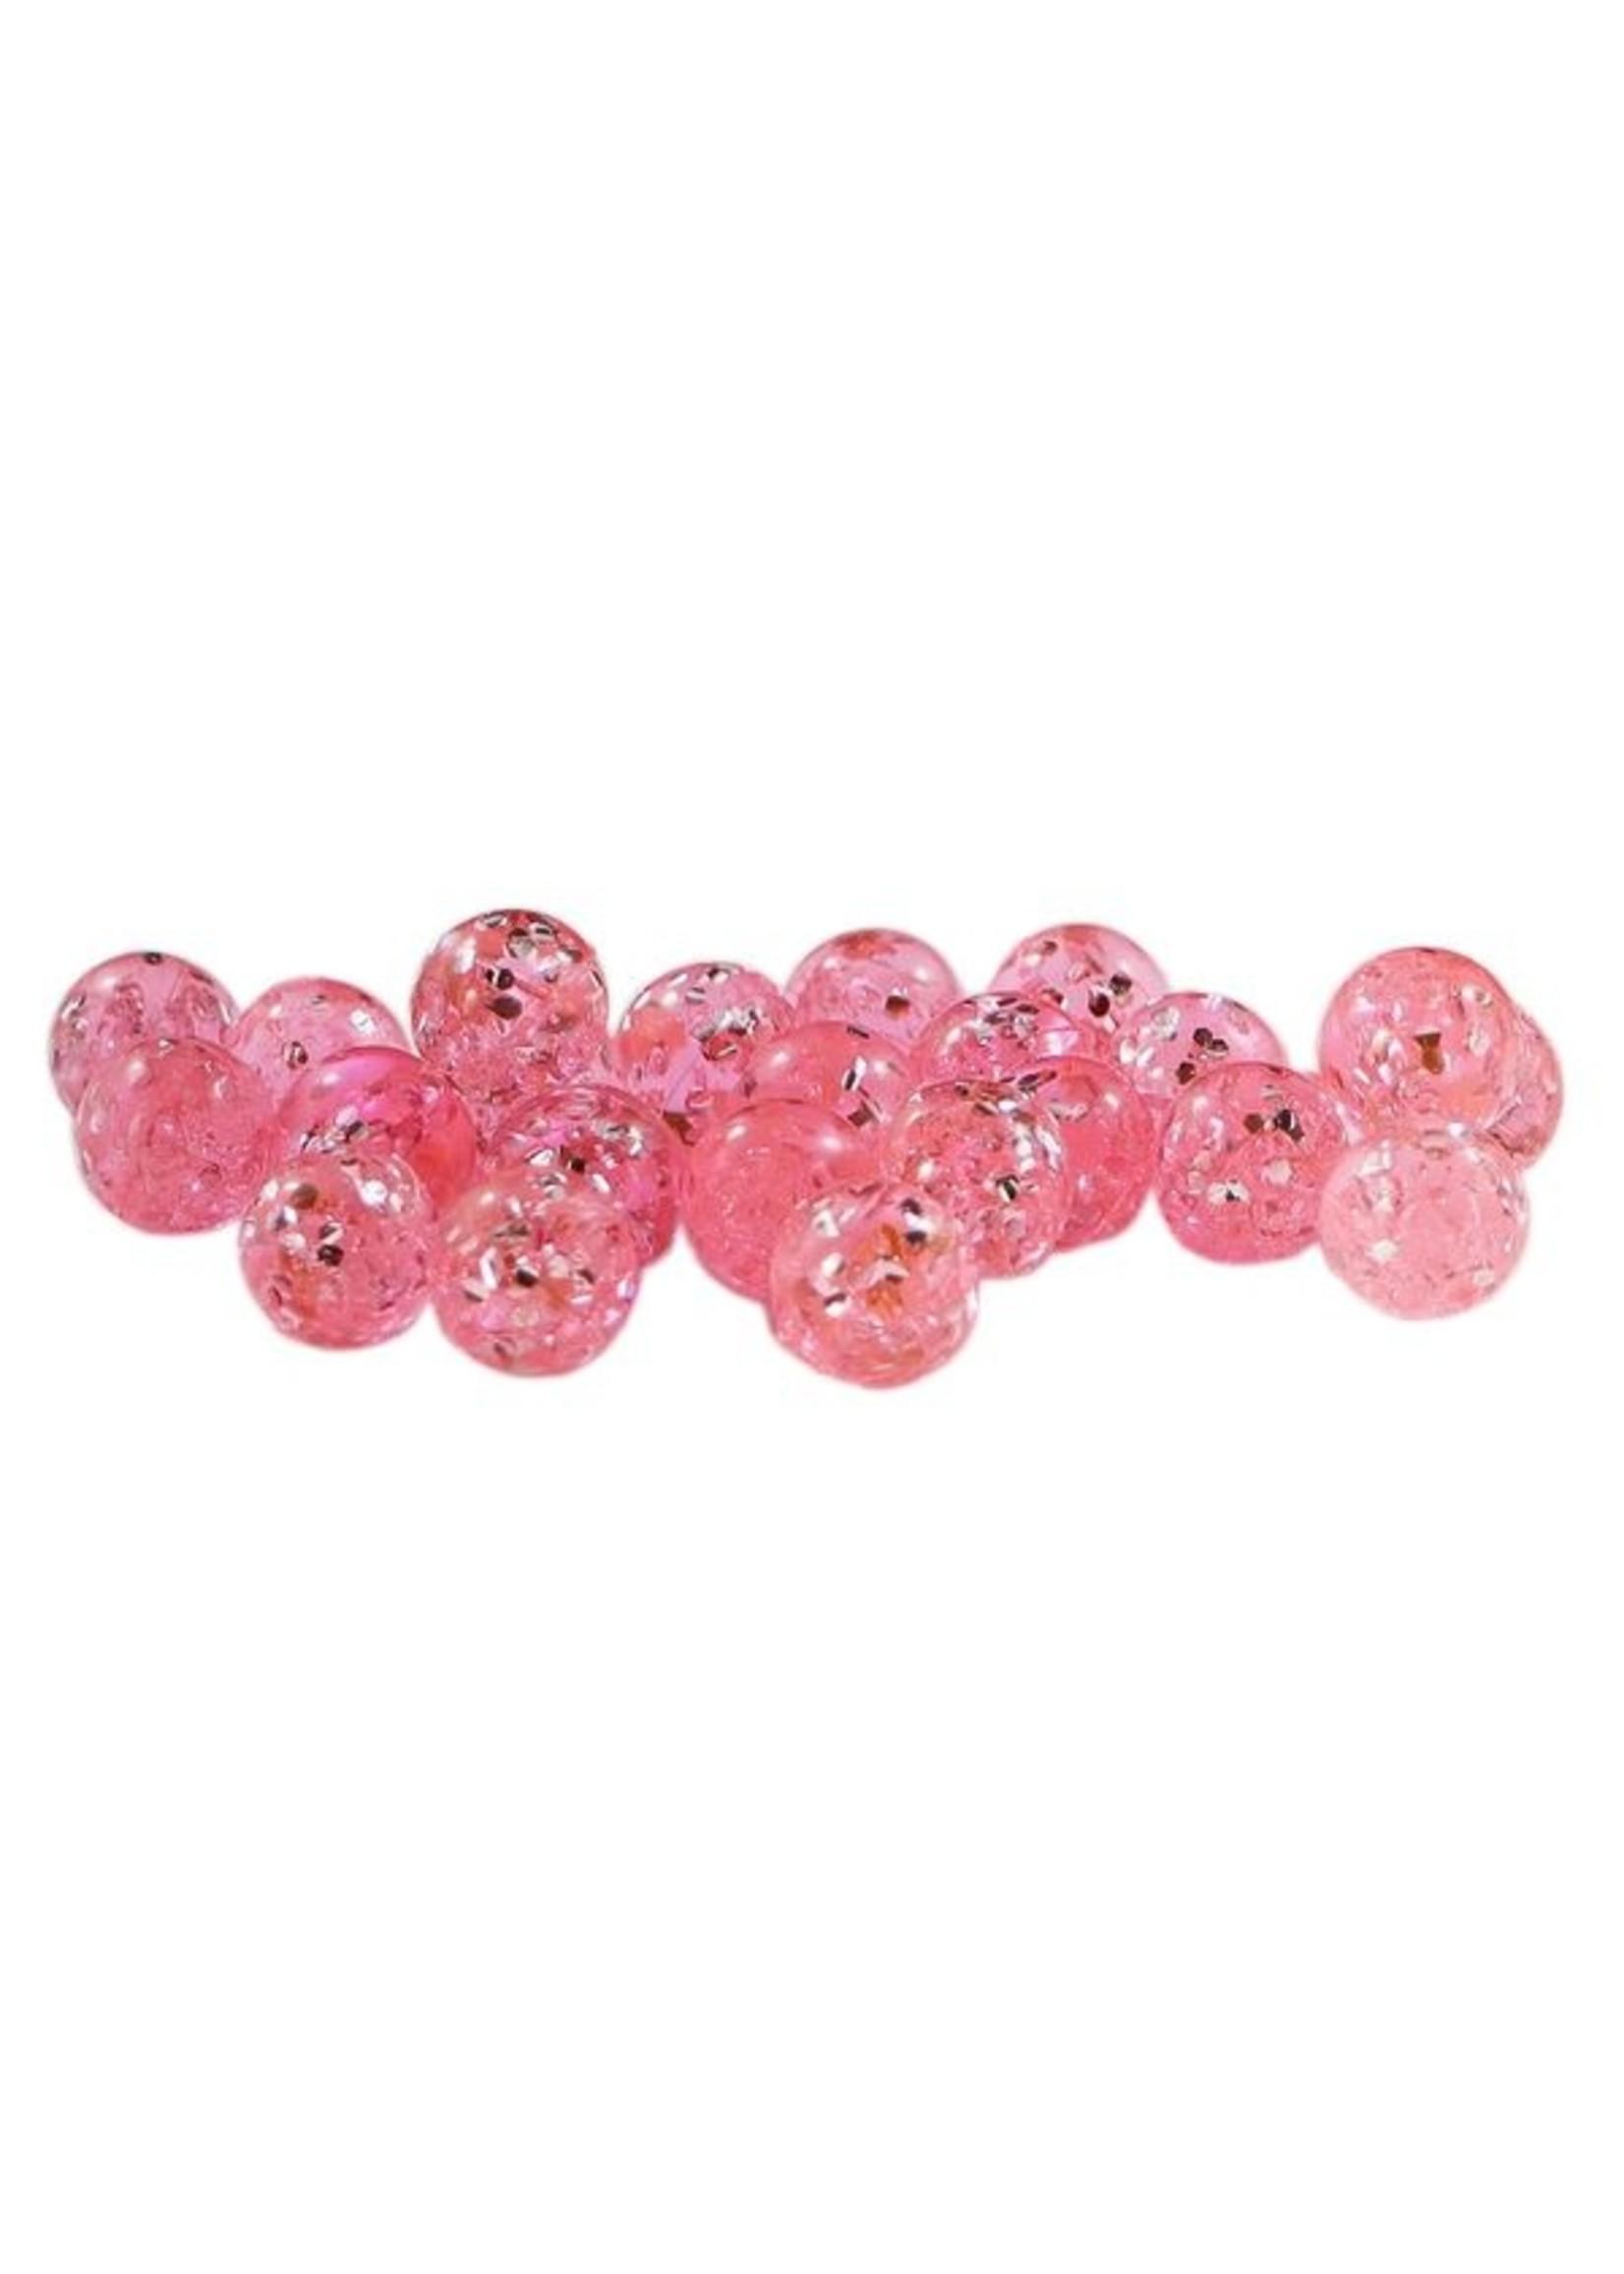 Cleardrift Cleardrift Glitter Bomb Soft Beads Candy Apple 10mm